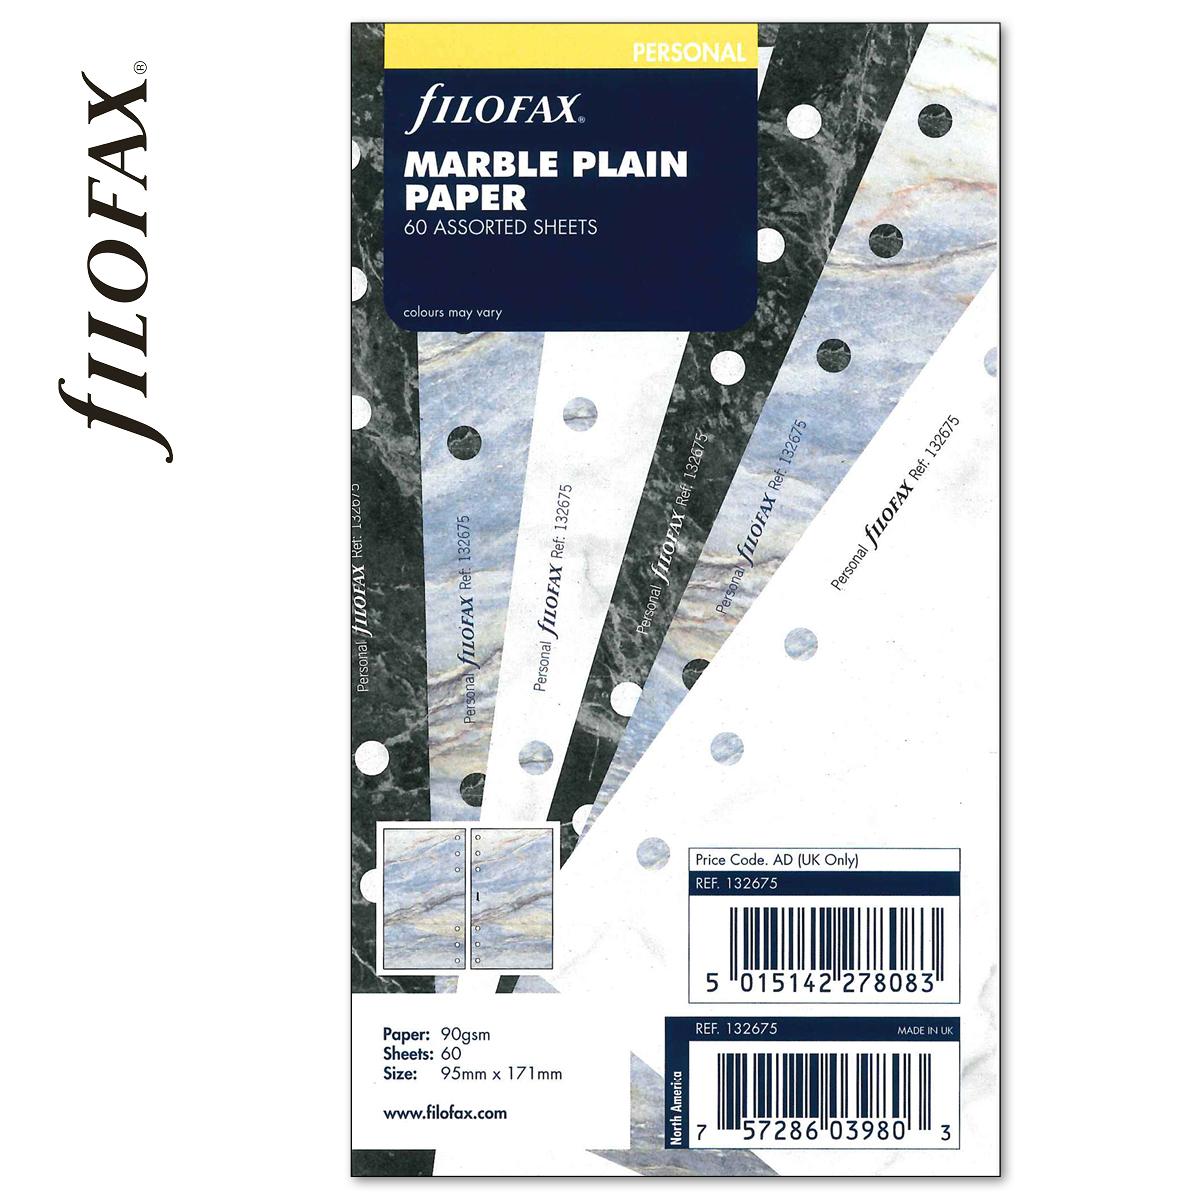 481f237315e9 Filofax Jegyzetlapok Üres Personal Márvány -